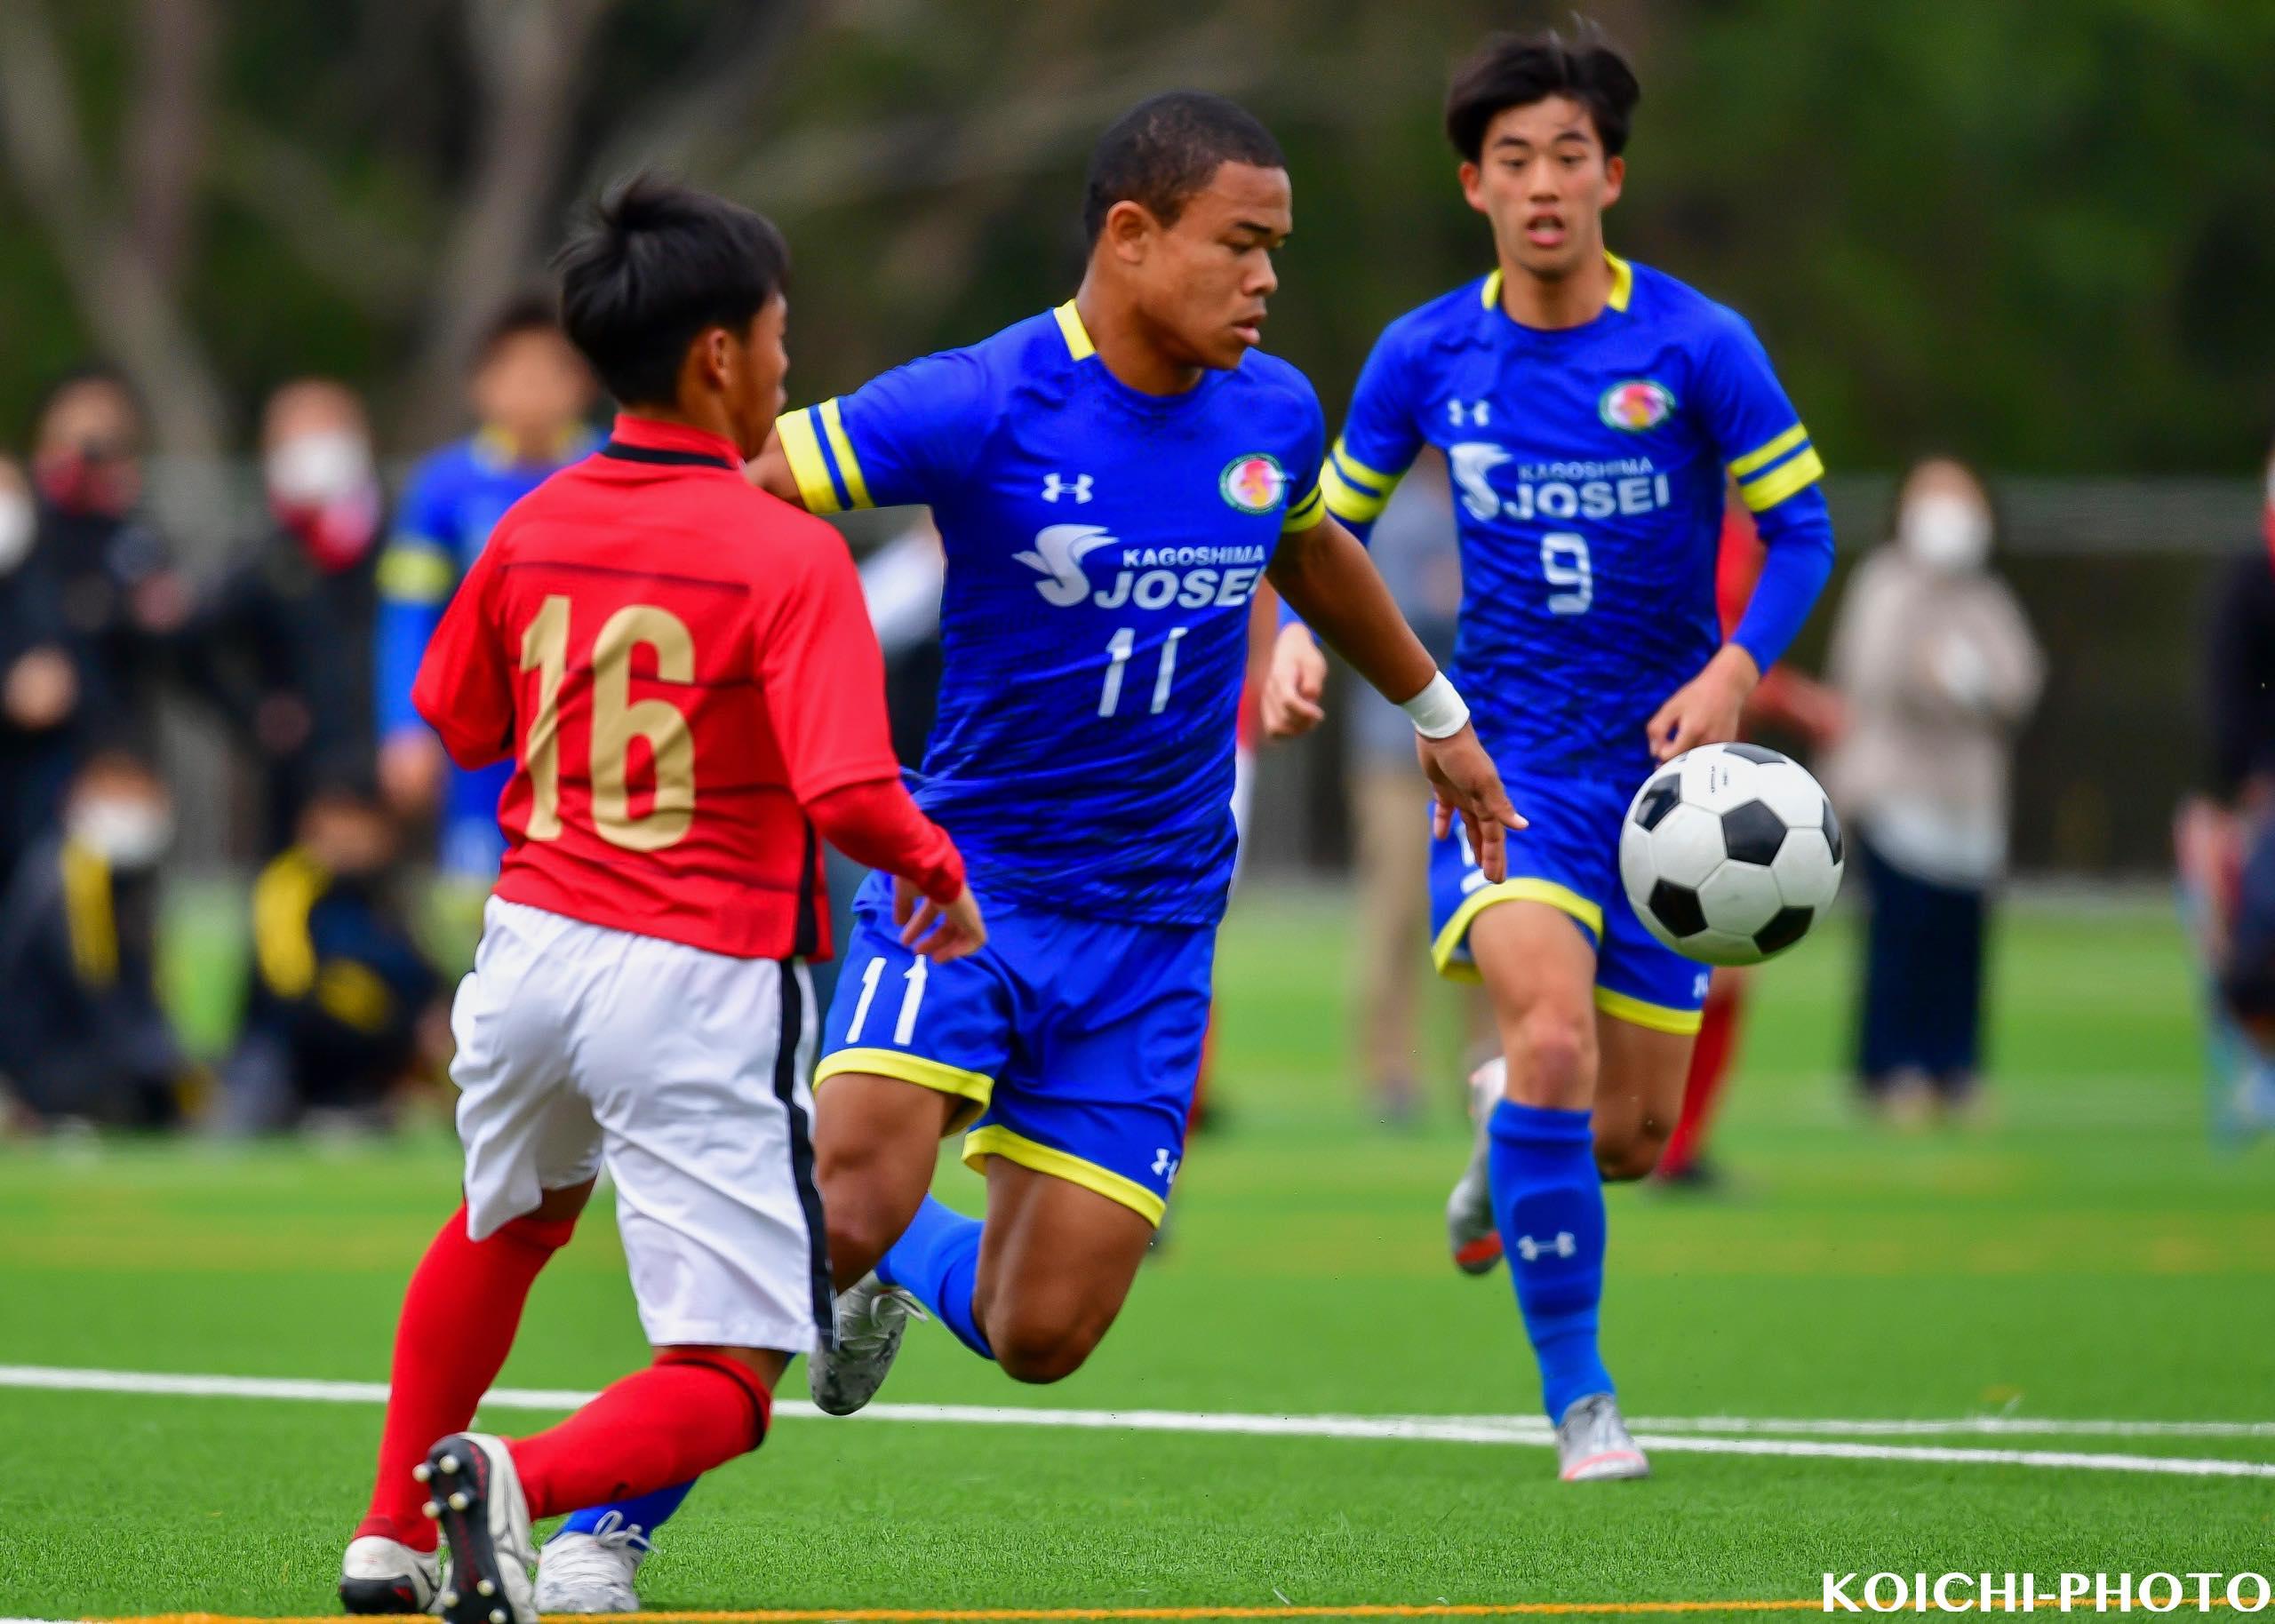 山口 県 高校 サッカー 新人 戦 2021 中国高等学校サッカー新人大会山口県予選 組み合わせが決まりました。